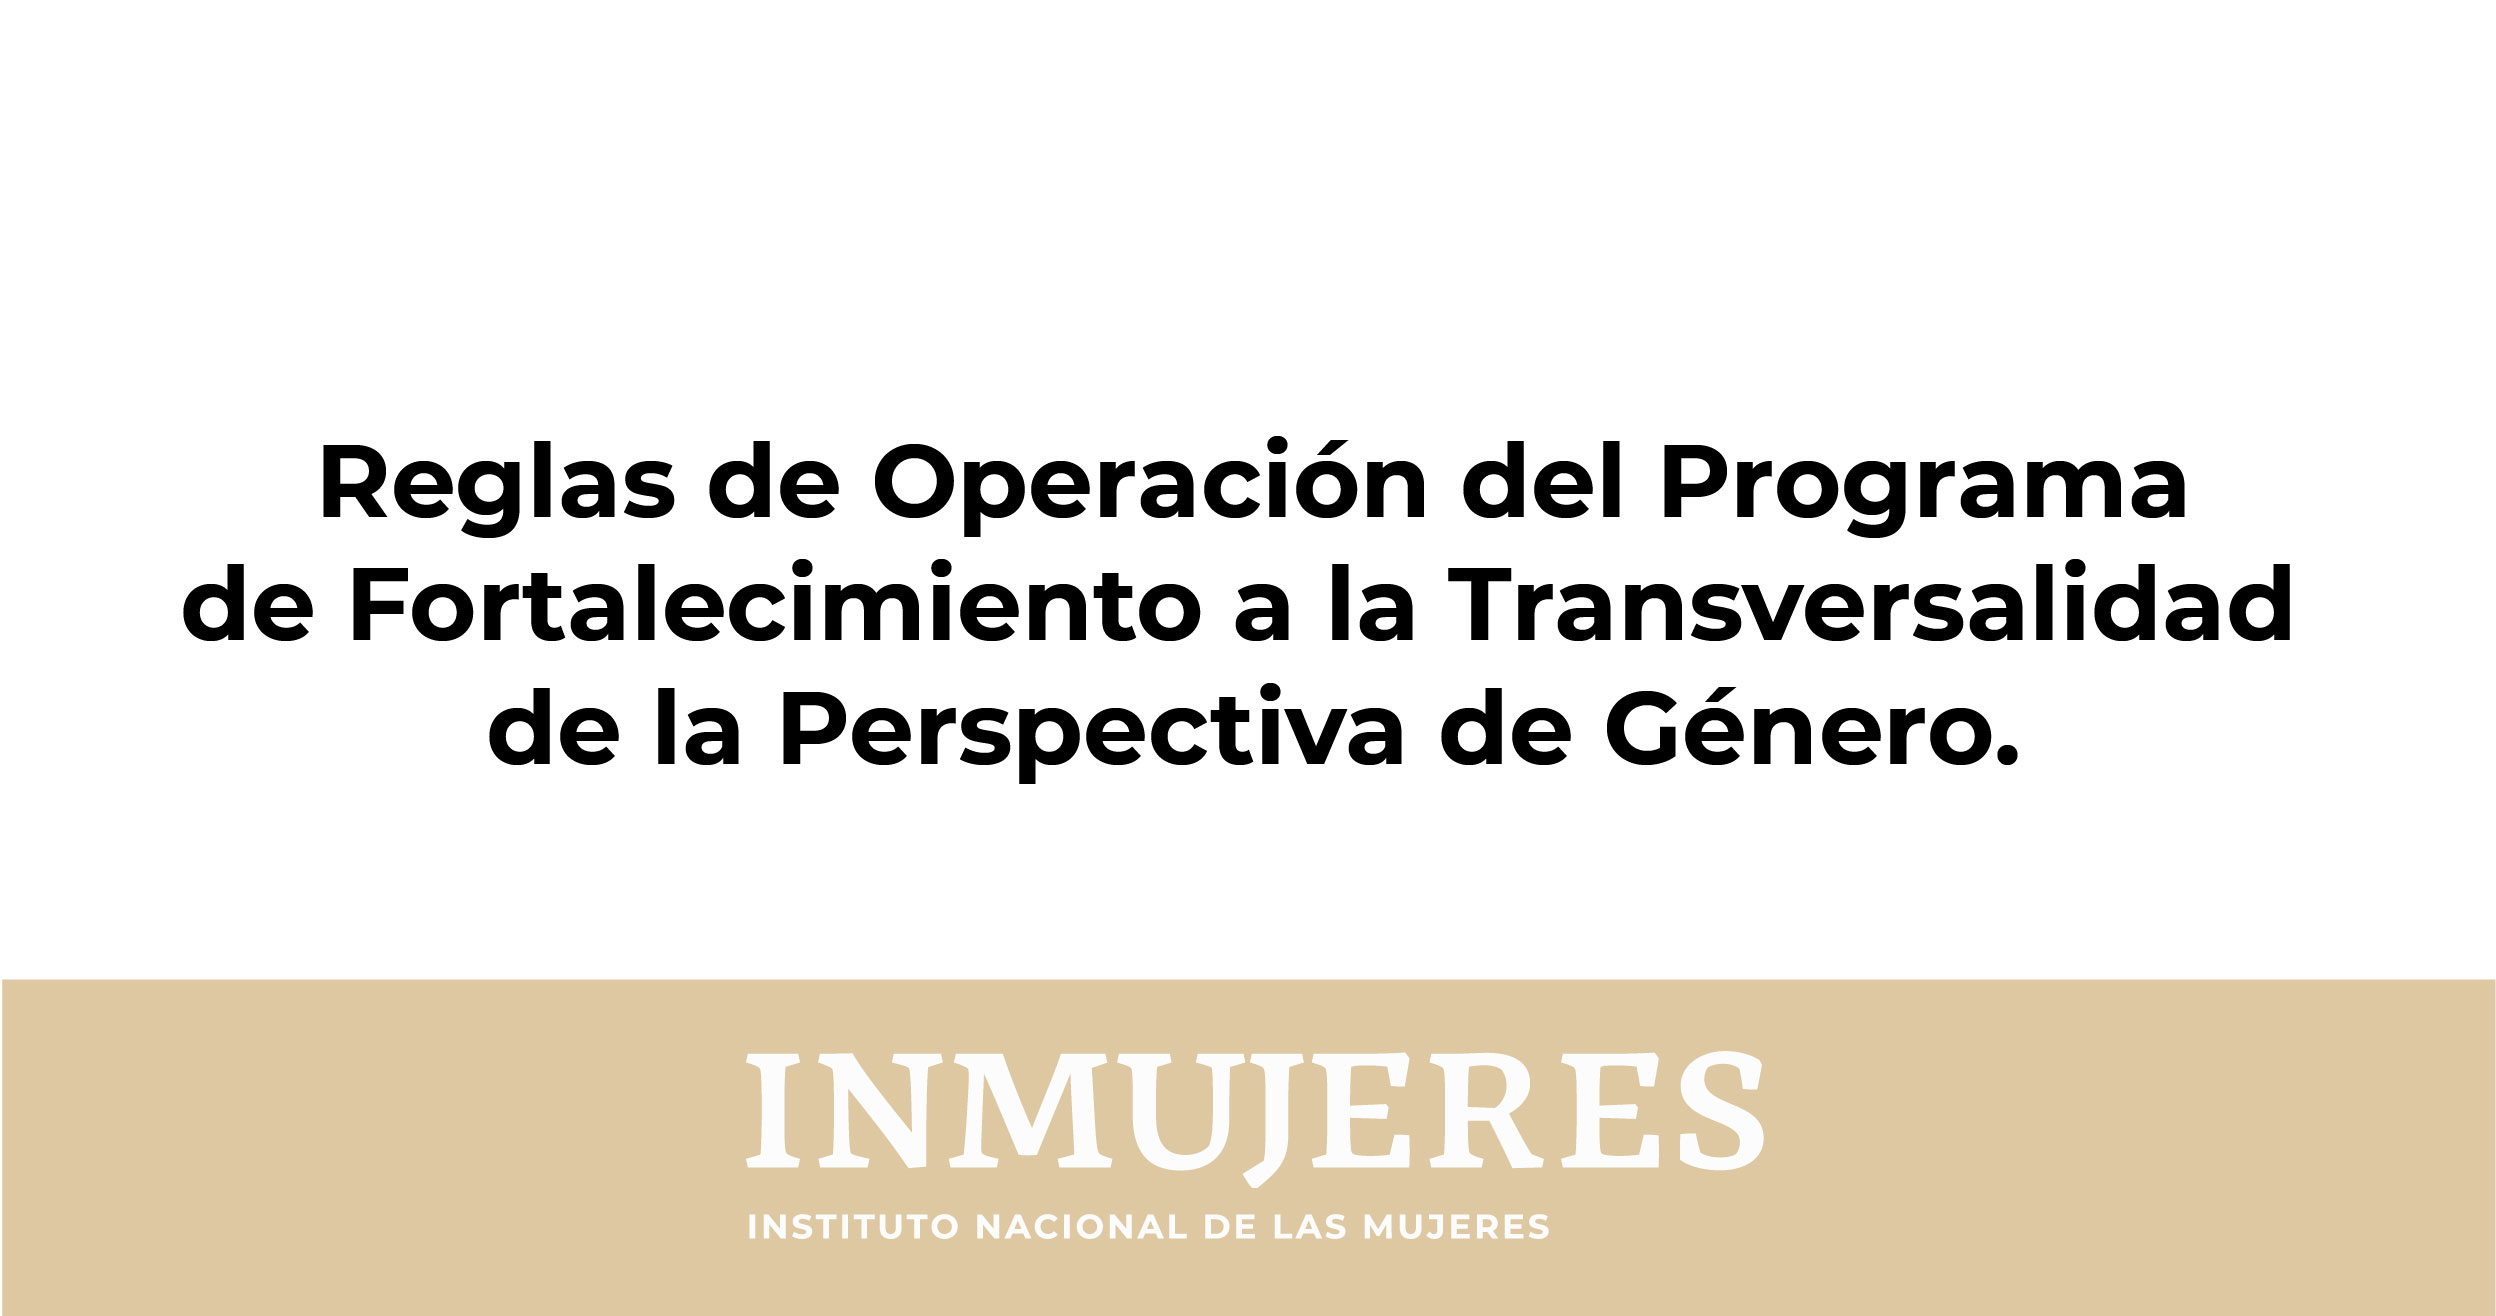 REGLAS DE OPERACIÓN DEL PROGRAMA DE FORTALECIMIENTO A LA TRASVERSALIDAD DE LA PERSPECTIVA DE GÉNERO 2020